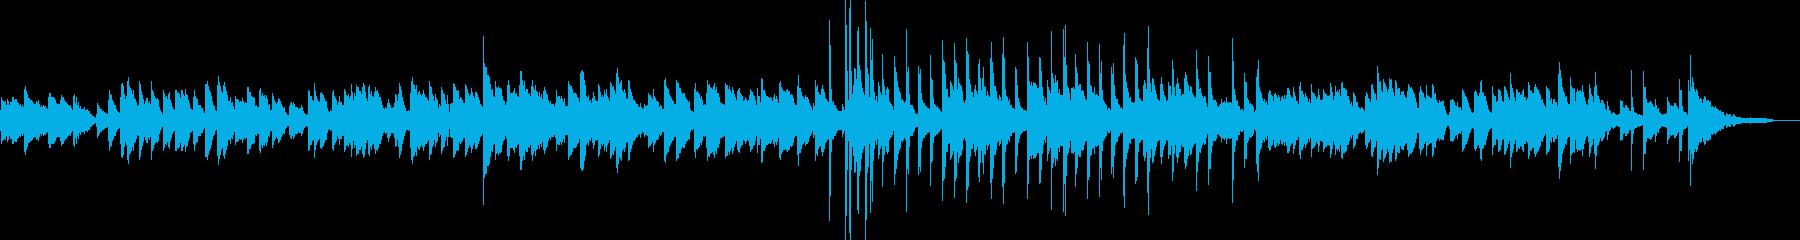 エントランスに合うBGMの再生済みの波形